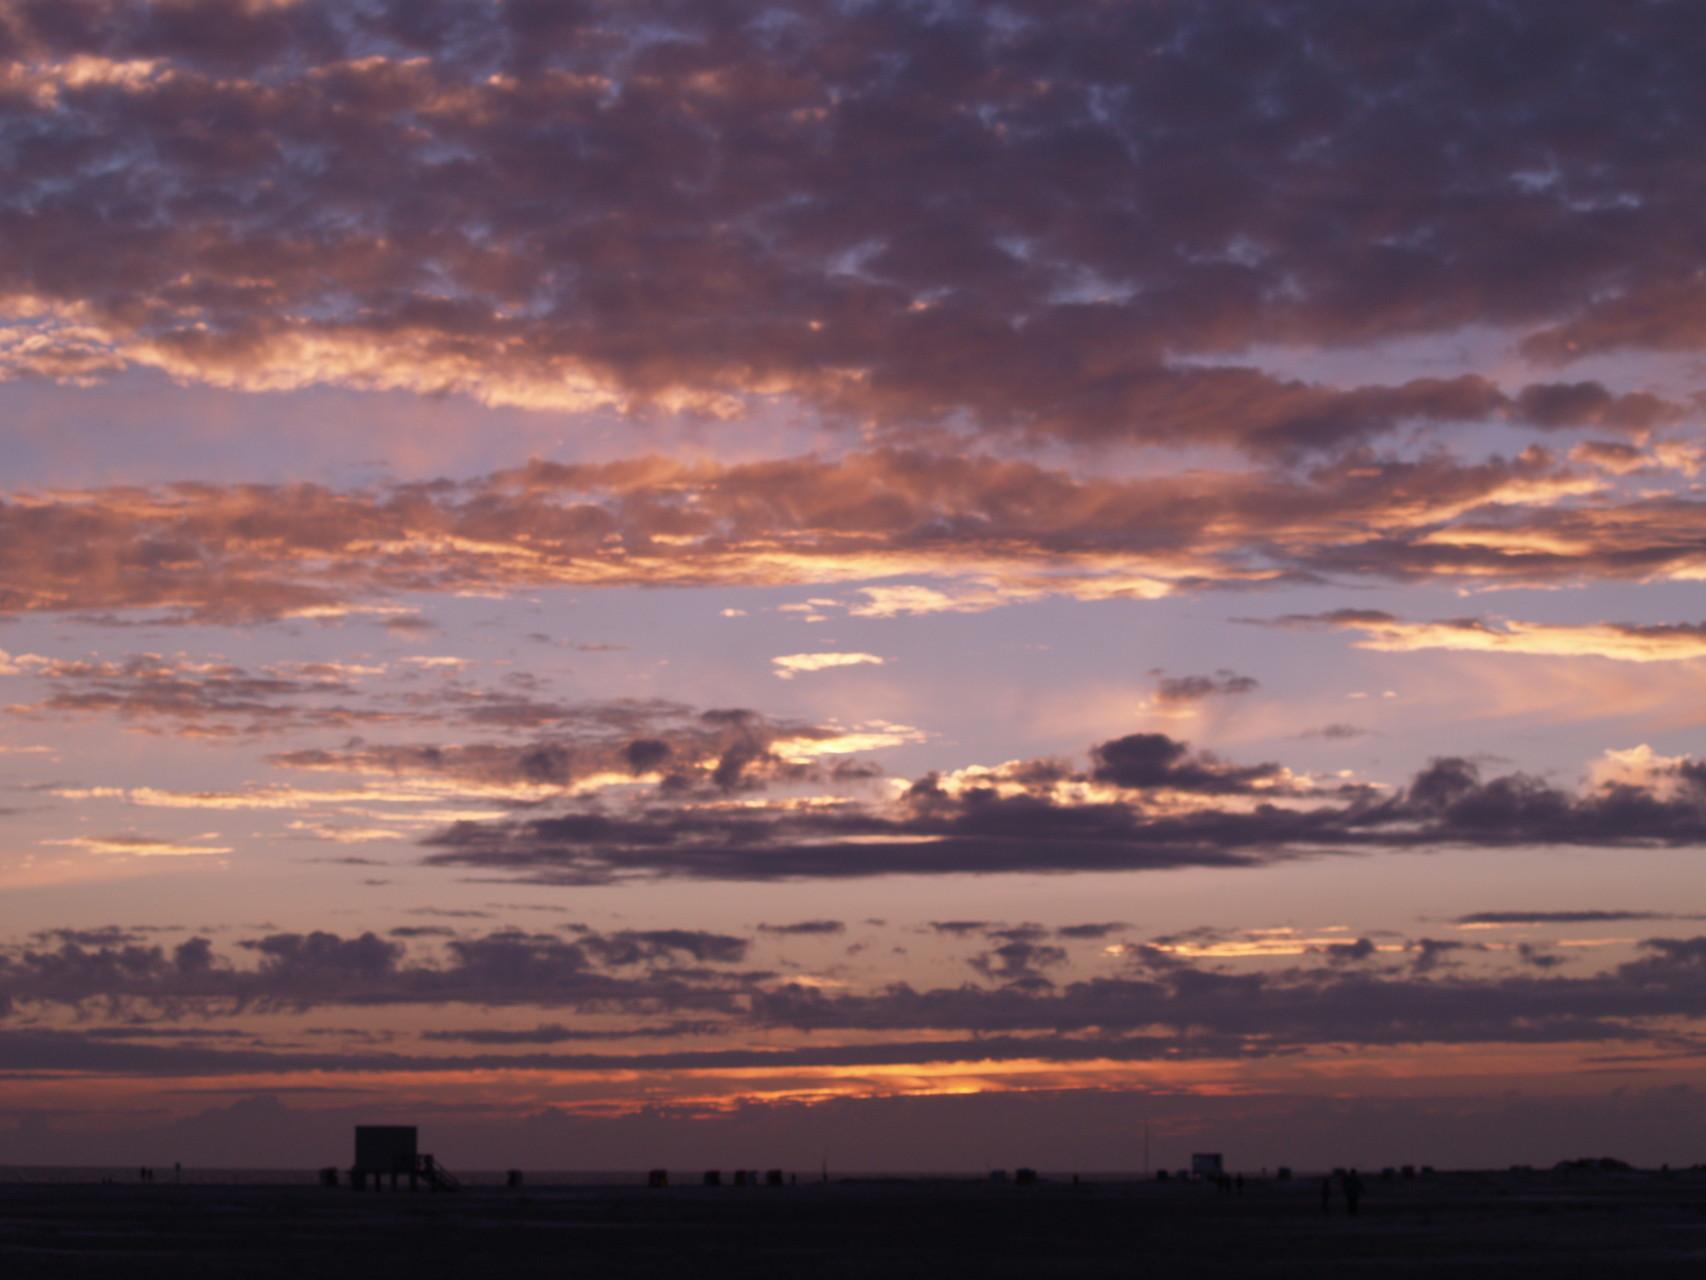 Abendhimmel über der Nordsee bei Amrum